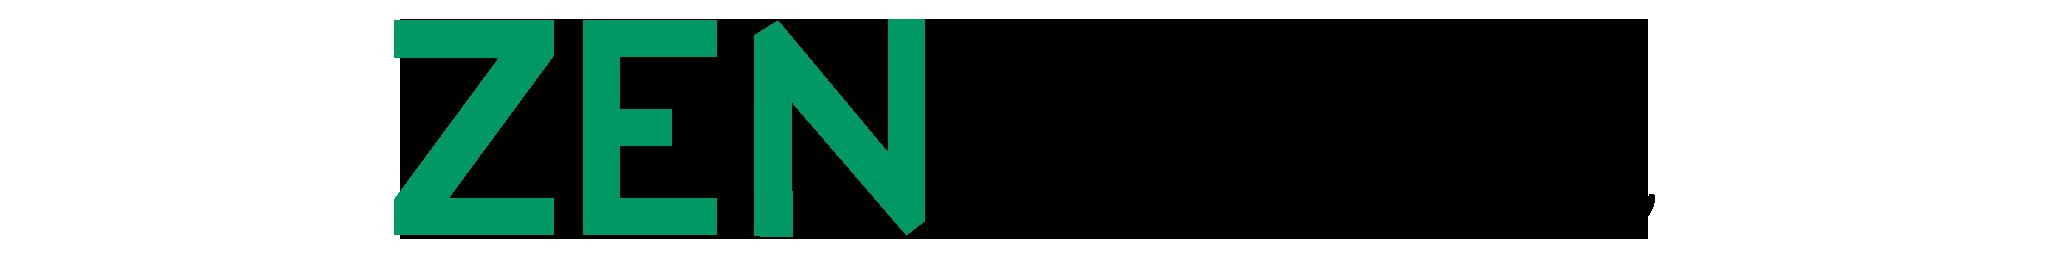 zen hustlers logo.png